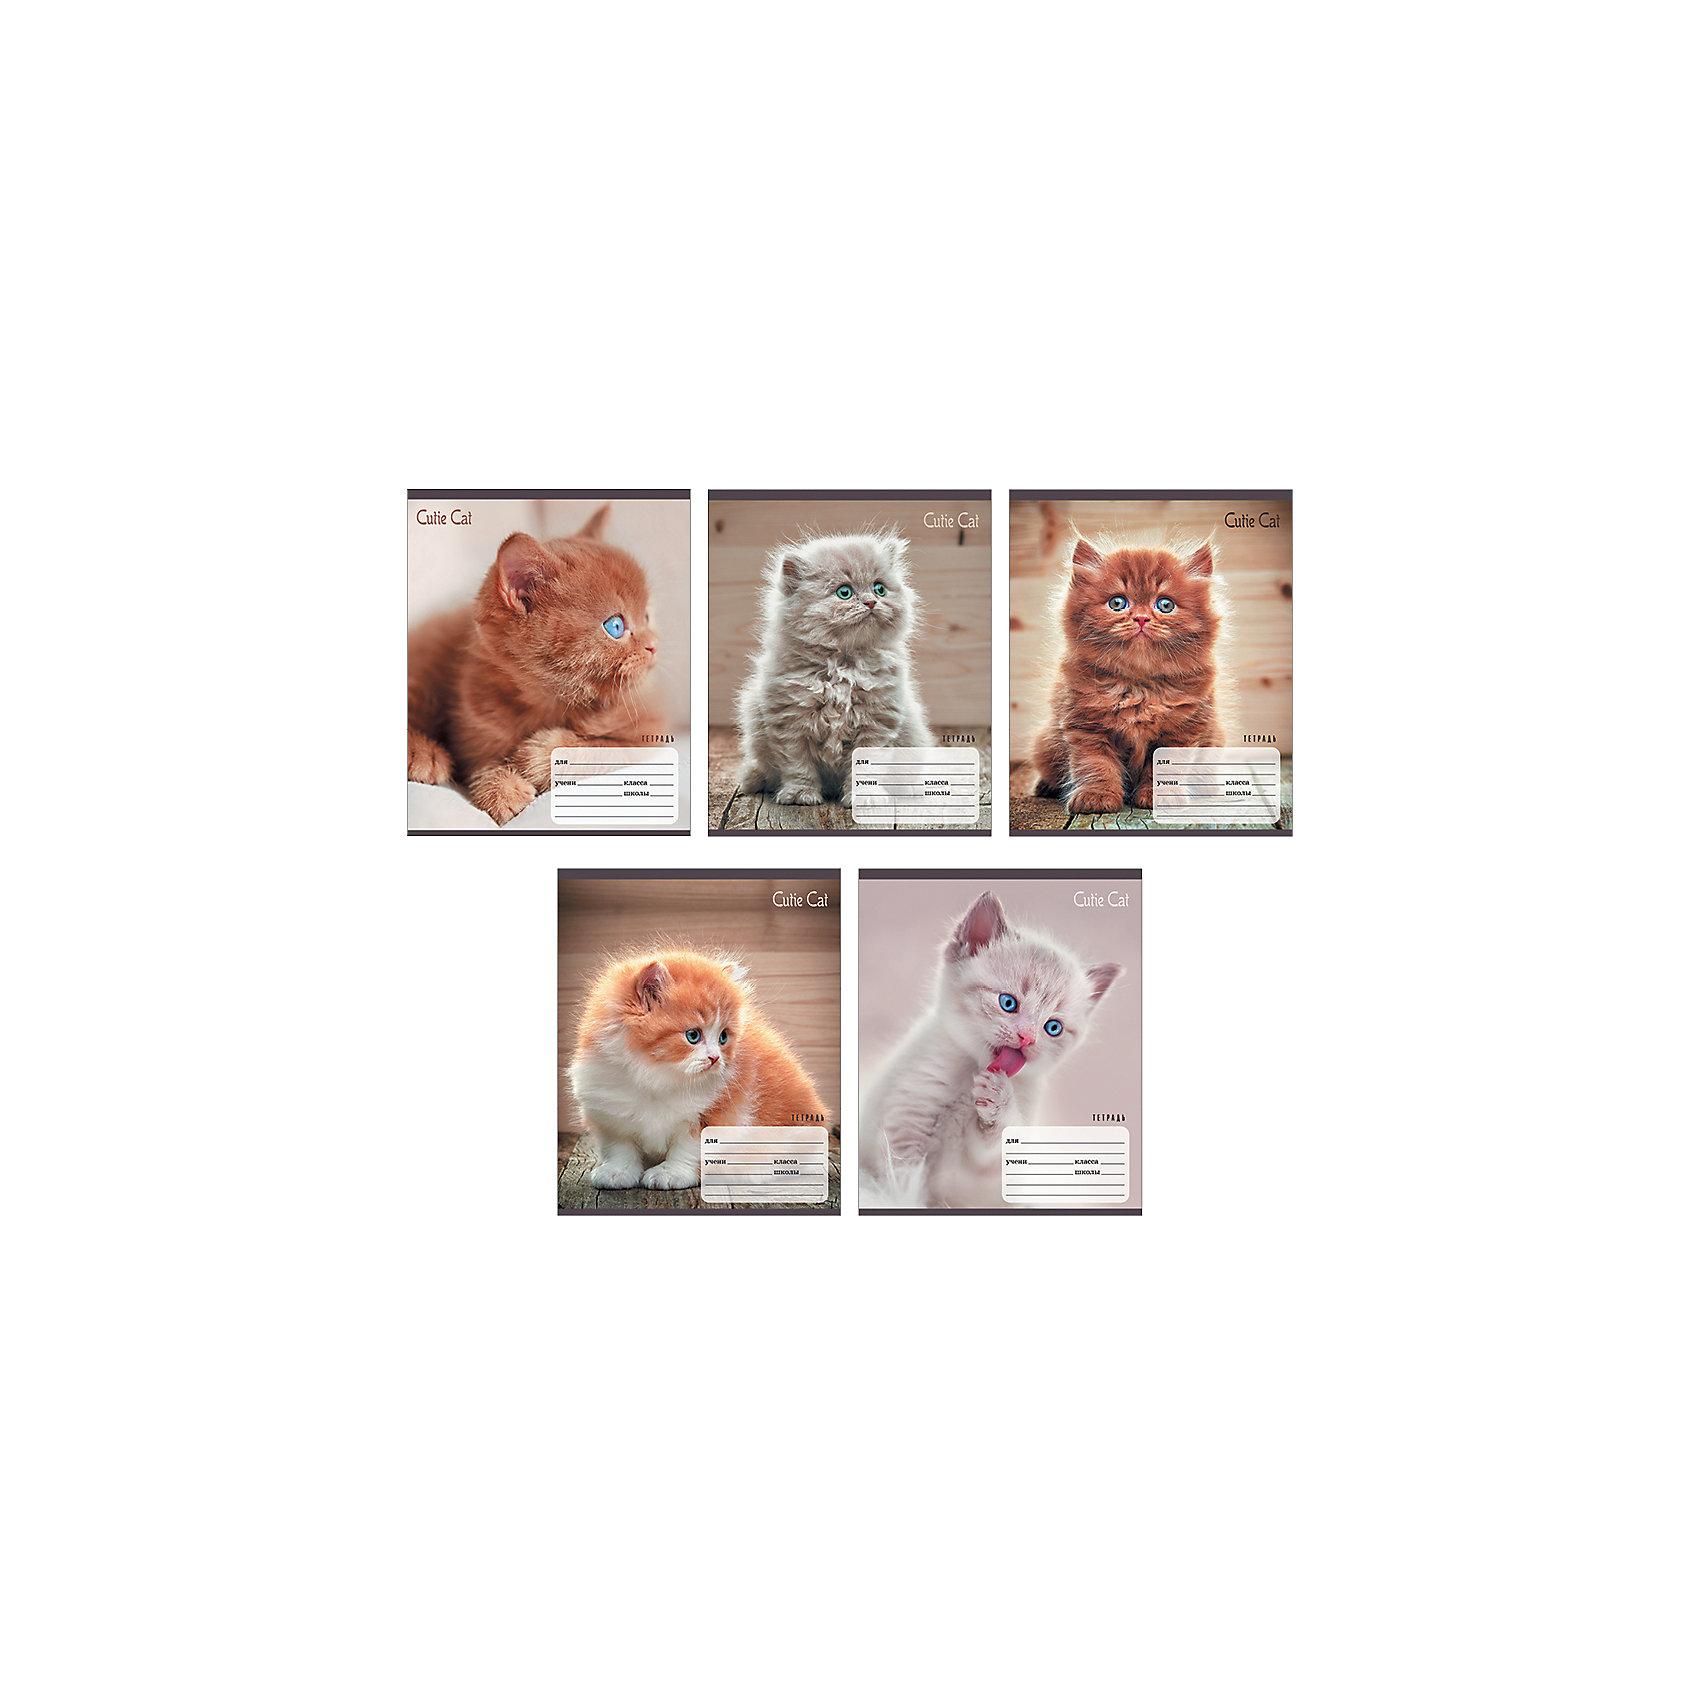 Комплект тетрадей Пушистые котята (10 шт), 18 листов, Канц-ЭксмоБумажная продукция<br>Характеристики комплекта тетрадей Пушистые котята:<br><br>• размеры: 20.2х16.3х3.5 см<br>• количество листов: 18 шт.<br>• разлиновка: линейка<br>• формат: А 5 <br>• комплектация: тетрадь<br>• бумага: офсет, плотностью 60 г/м2.<br>• обложка: мелованный картон , выборочный лак.<br>• бренд: Канц-Эксмо<br>• страна бренда: Россия<br>• страна производителя: Россия<br><br>Комплект тетрадей Пушистые котята от производителя Канц-Эксмо выполнен в формате А5. Количество листов 18, тетради в линейку с полями. Крепление: скрепка. Обложка у изделий плотная - мелованный картон, выборочный лак.<br><br>Комплект тетрадей Пушистые котята от производителя Канц-Эксмо можно купить в нашем интернет-магазине.<br><br>Ширина мм: 210<br>Глубина мм: 165<br>Высота мм: 20<br>Вес г: 52<br>Возраст от месяцев: 72<br>Возраст до месяцев: 2147483647<br>Пол: Женский<br>Возраст: Детский<br>SKU: 5448393